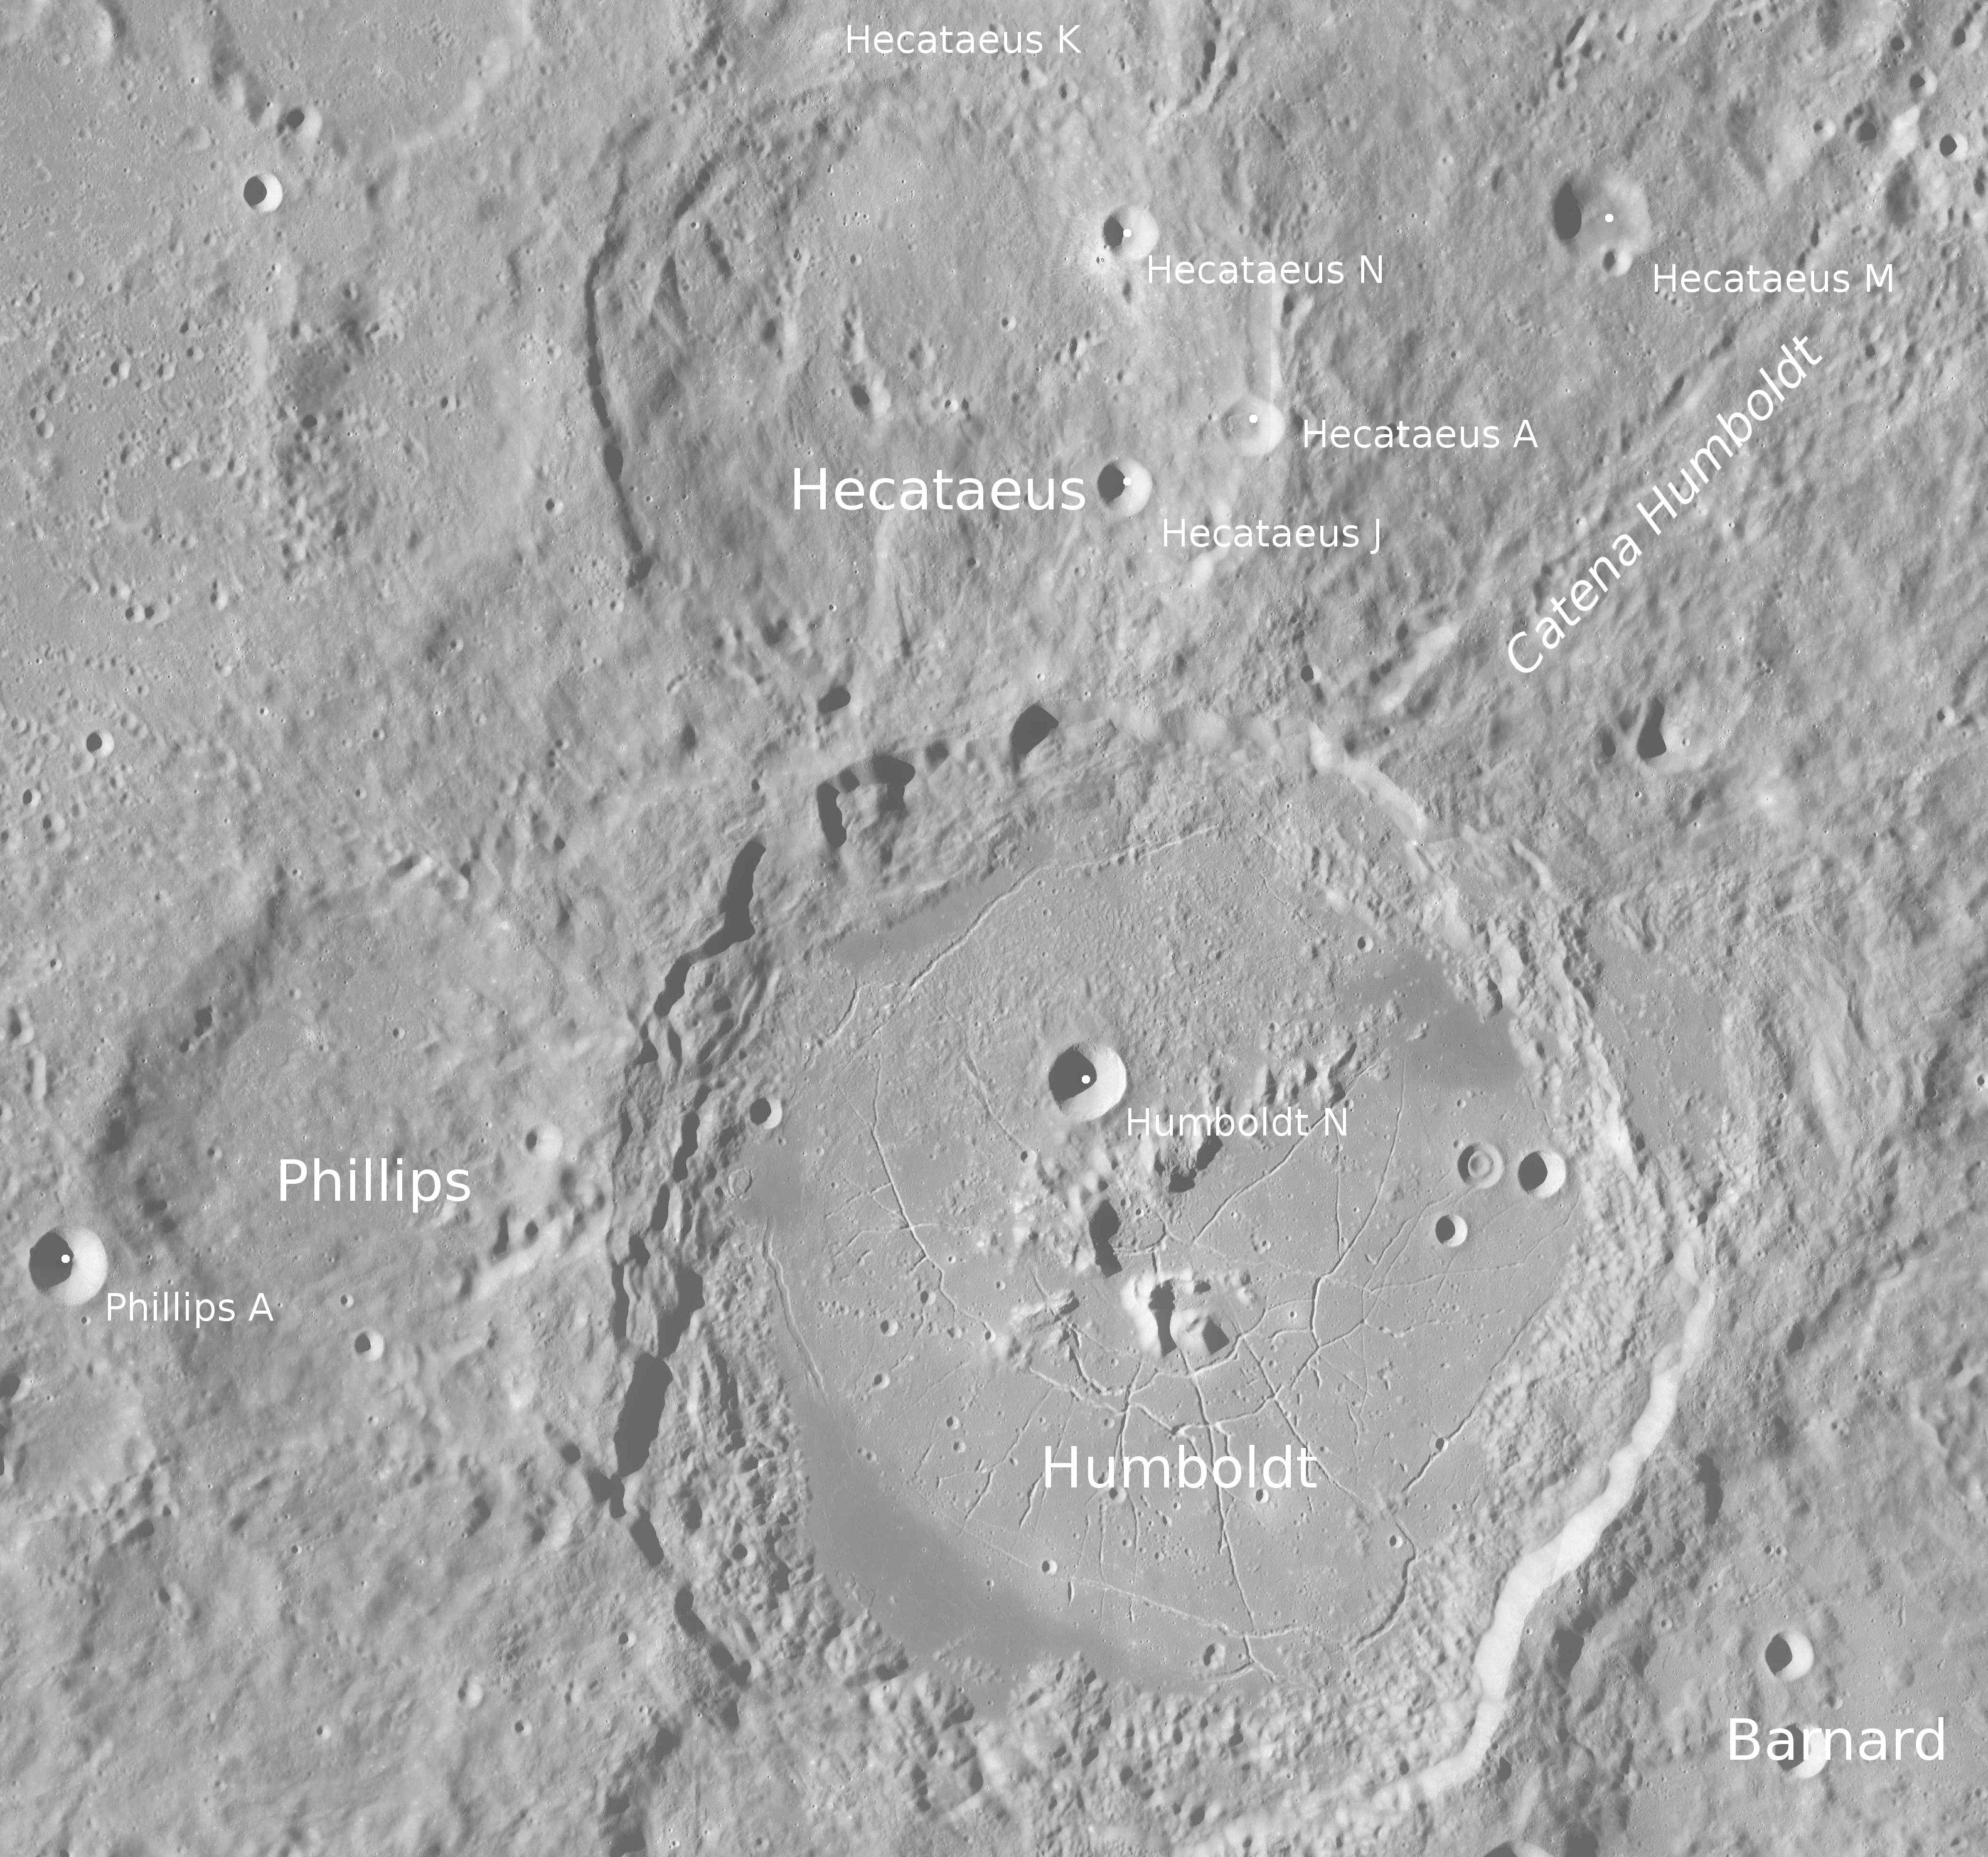 Humboldt + Hecataeus + Phillips - LROC - WAC.JPG